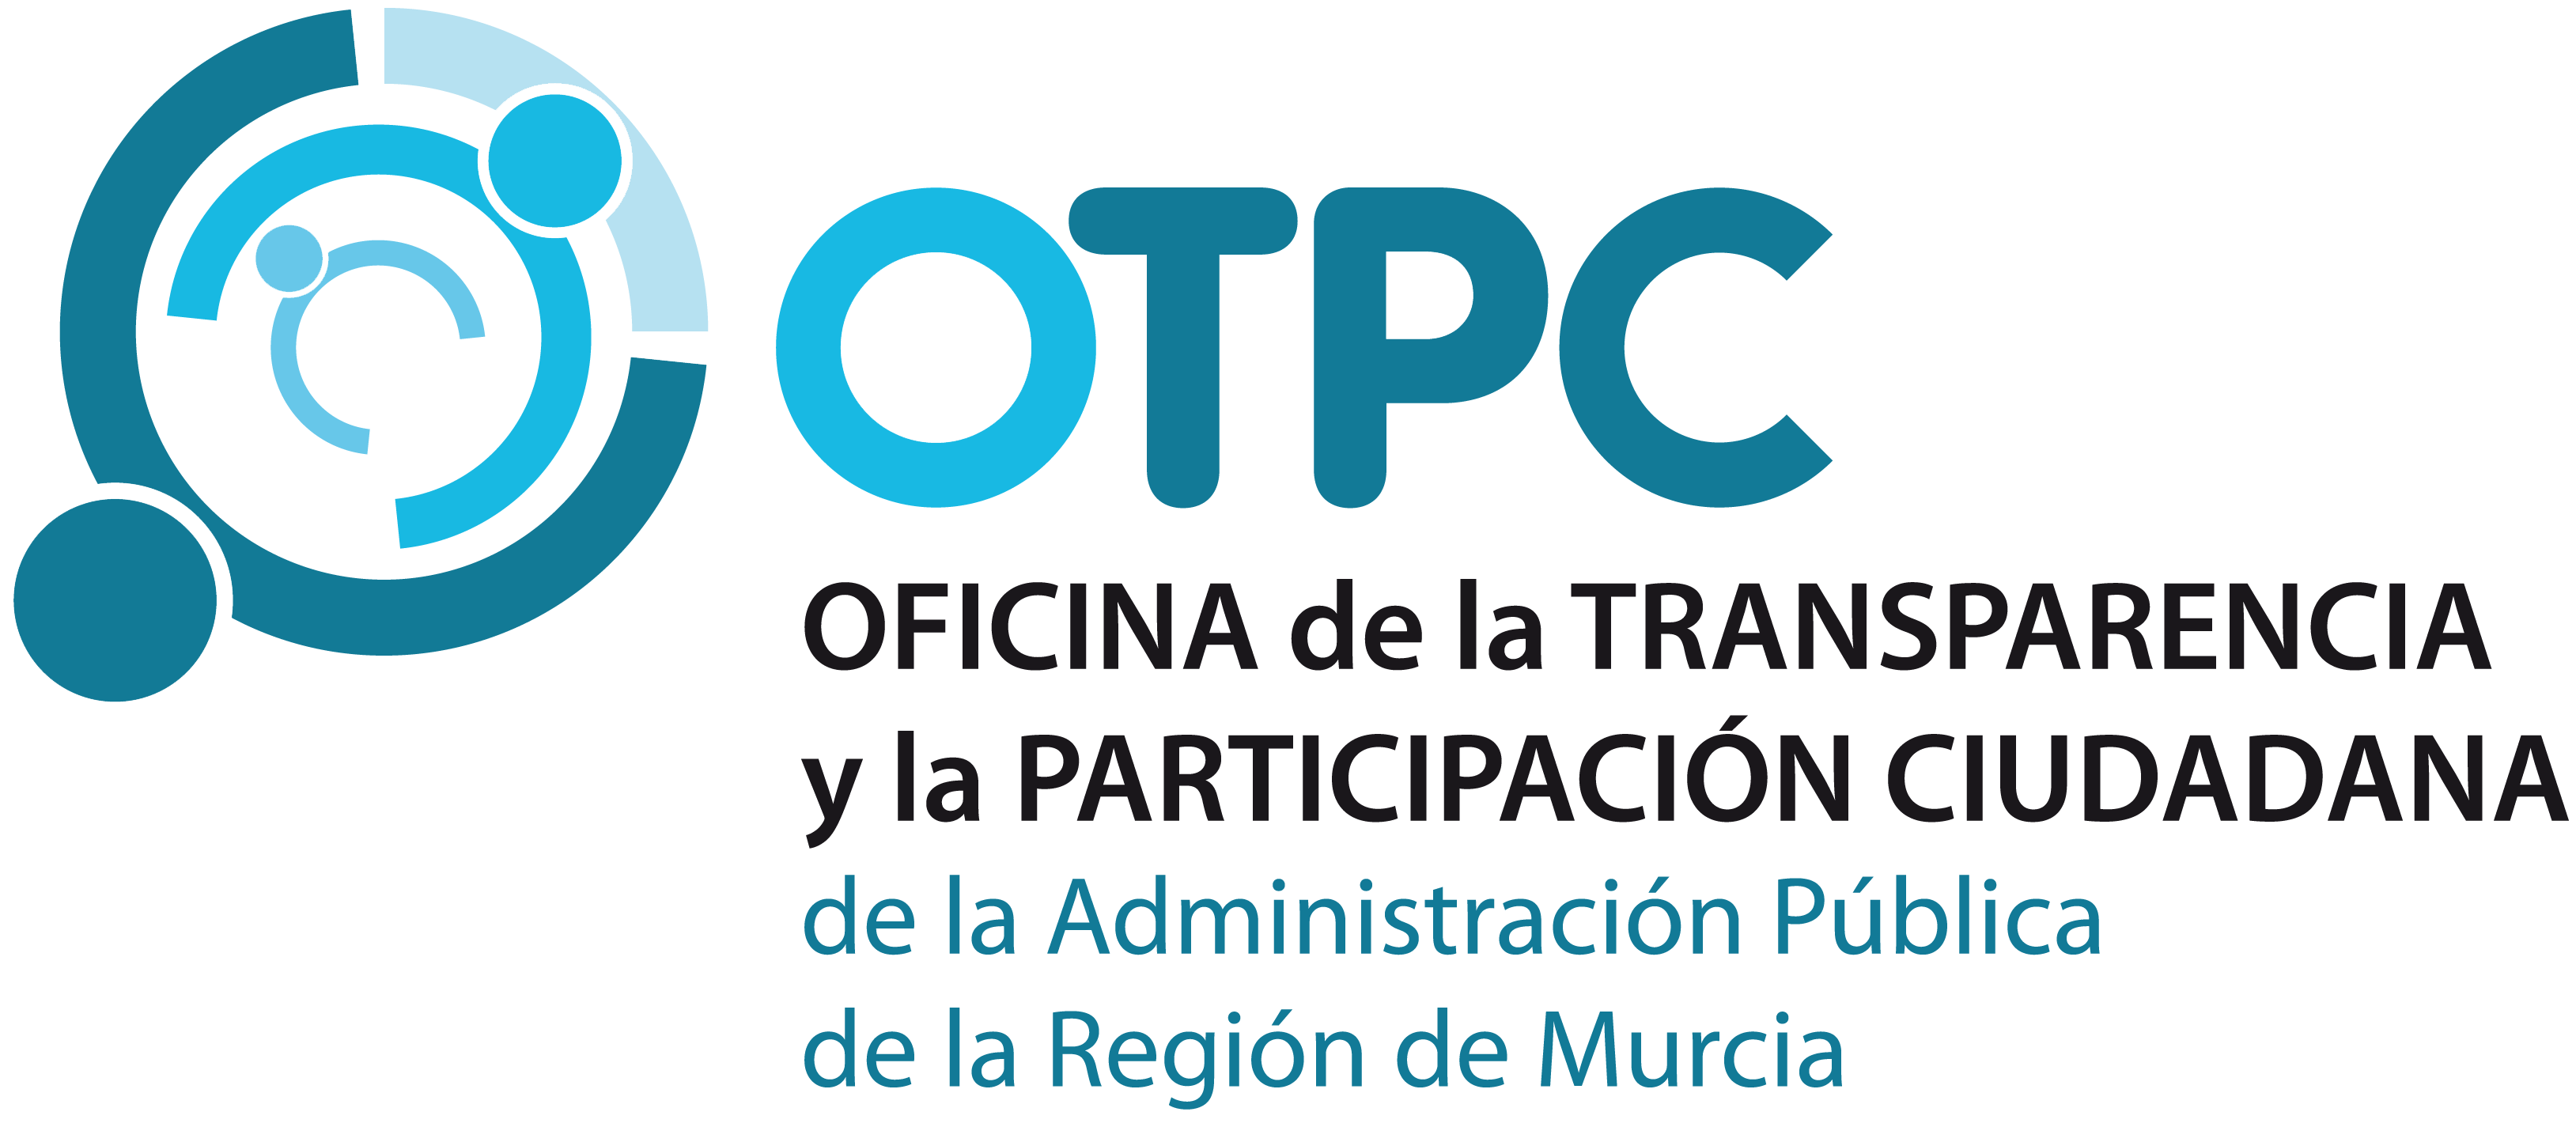 Logotipo de la Oficina de transparencia y participación ciudadana R. de Murcia